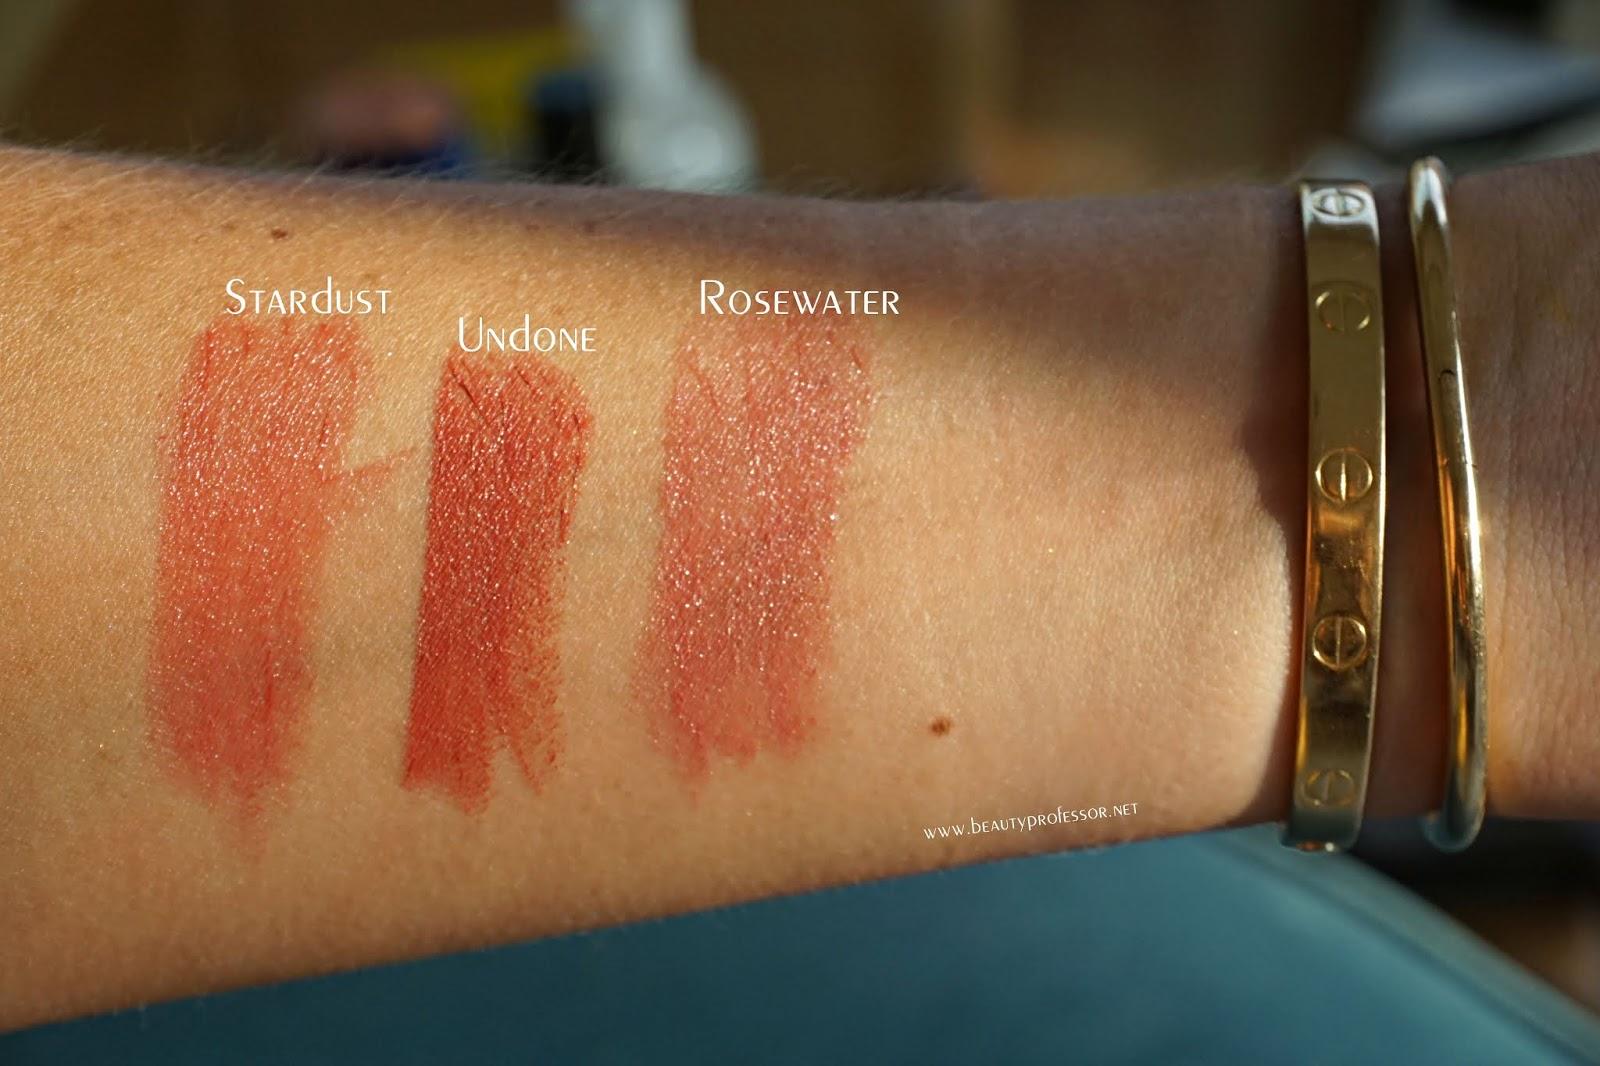 kosas lipstick swatches